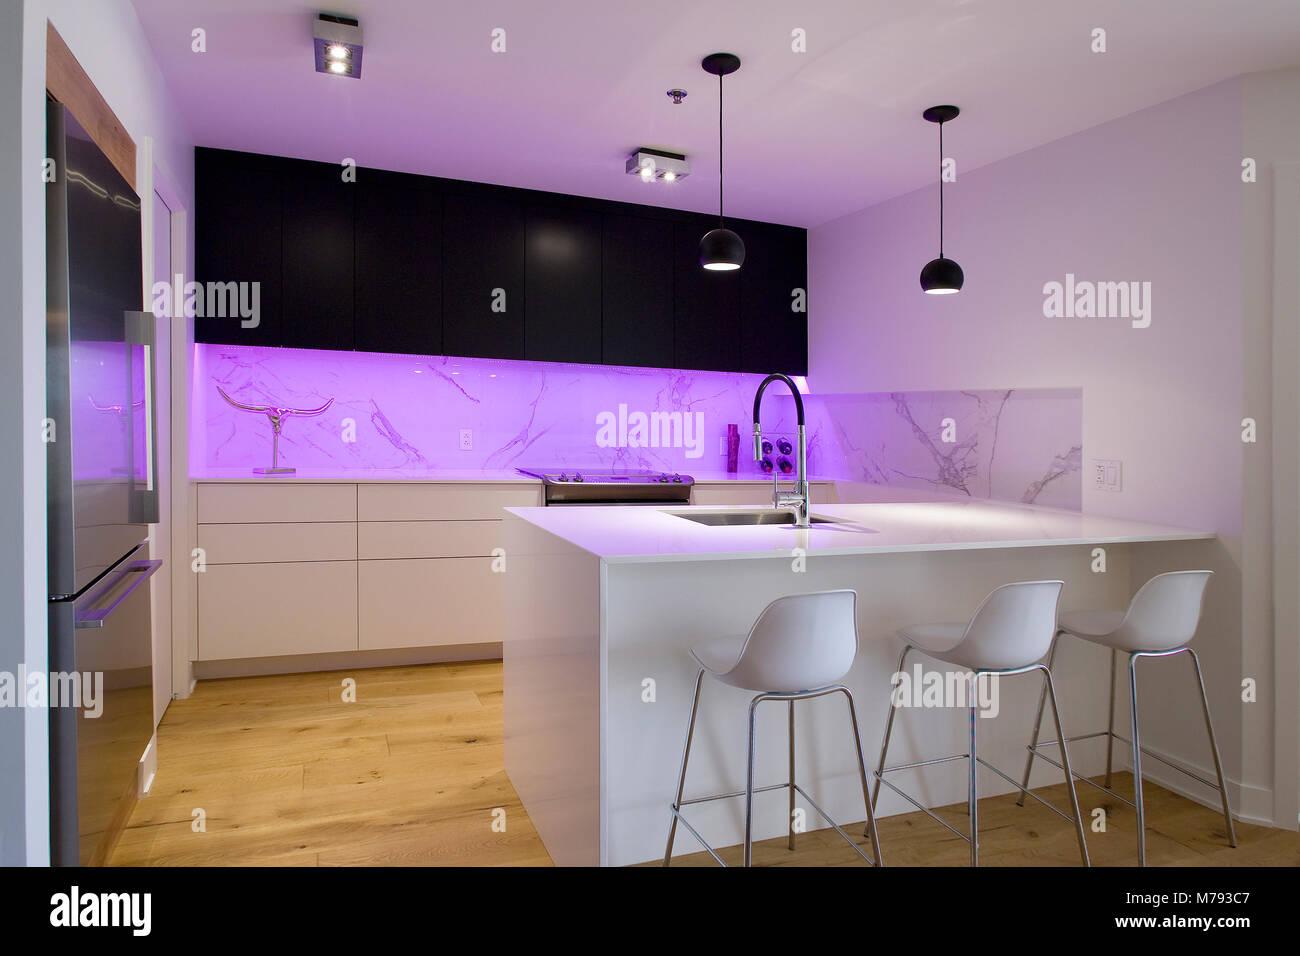 Schwarze und weiße Küche mit Insel und Hocker und ein violetter ...